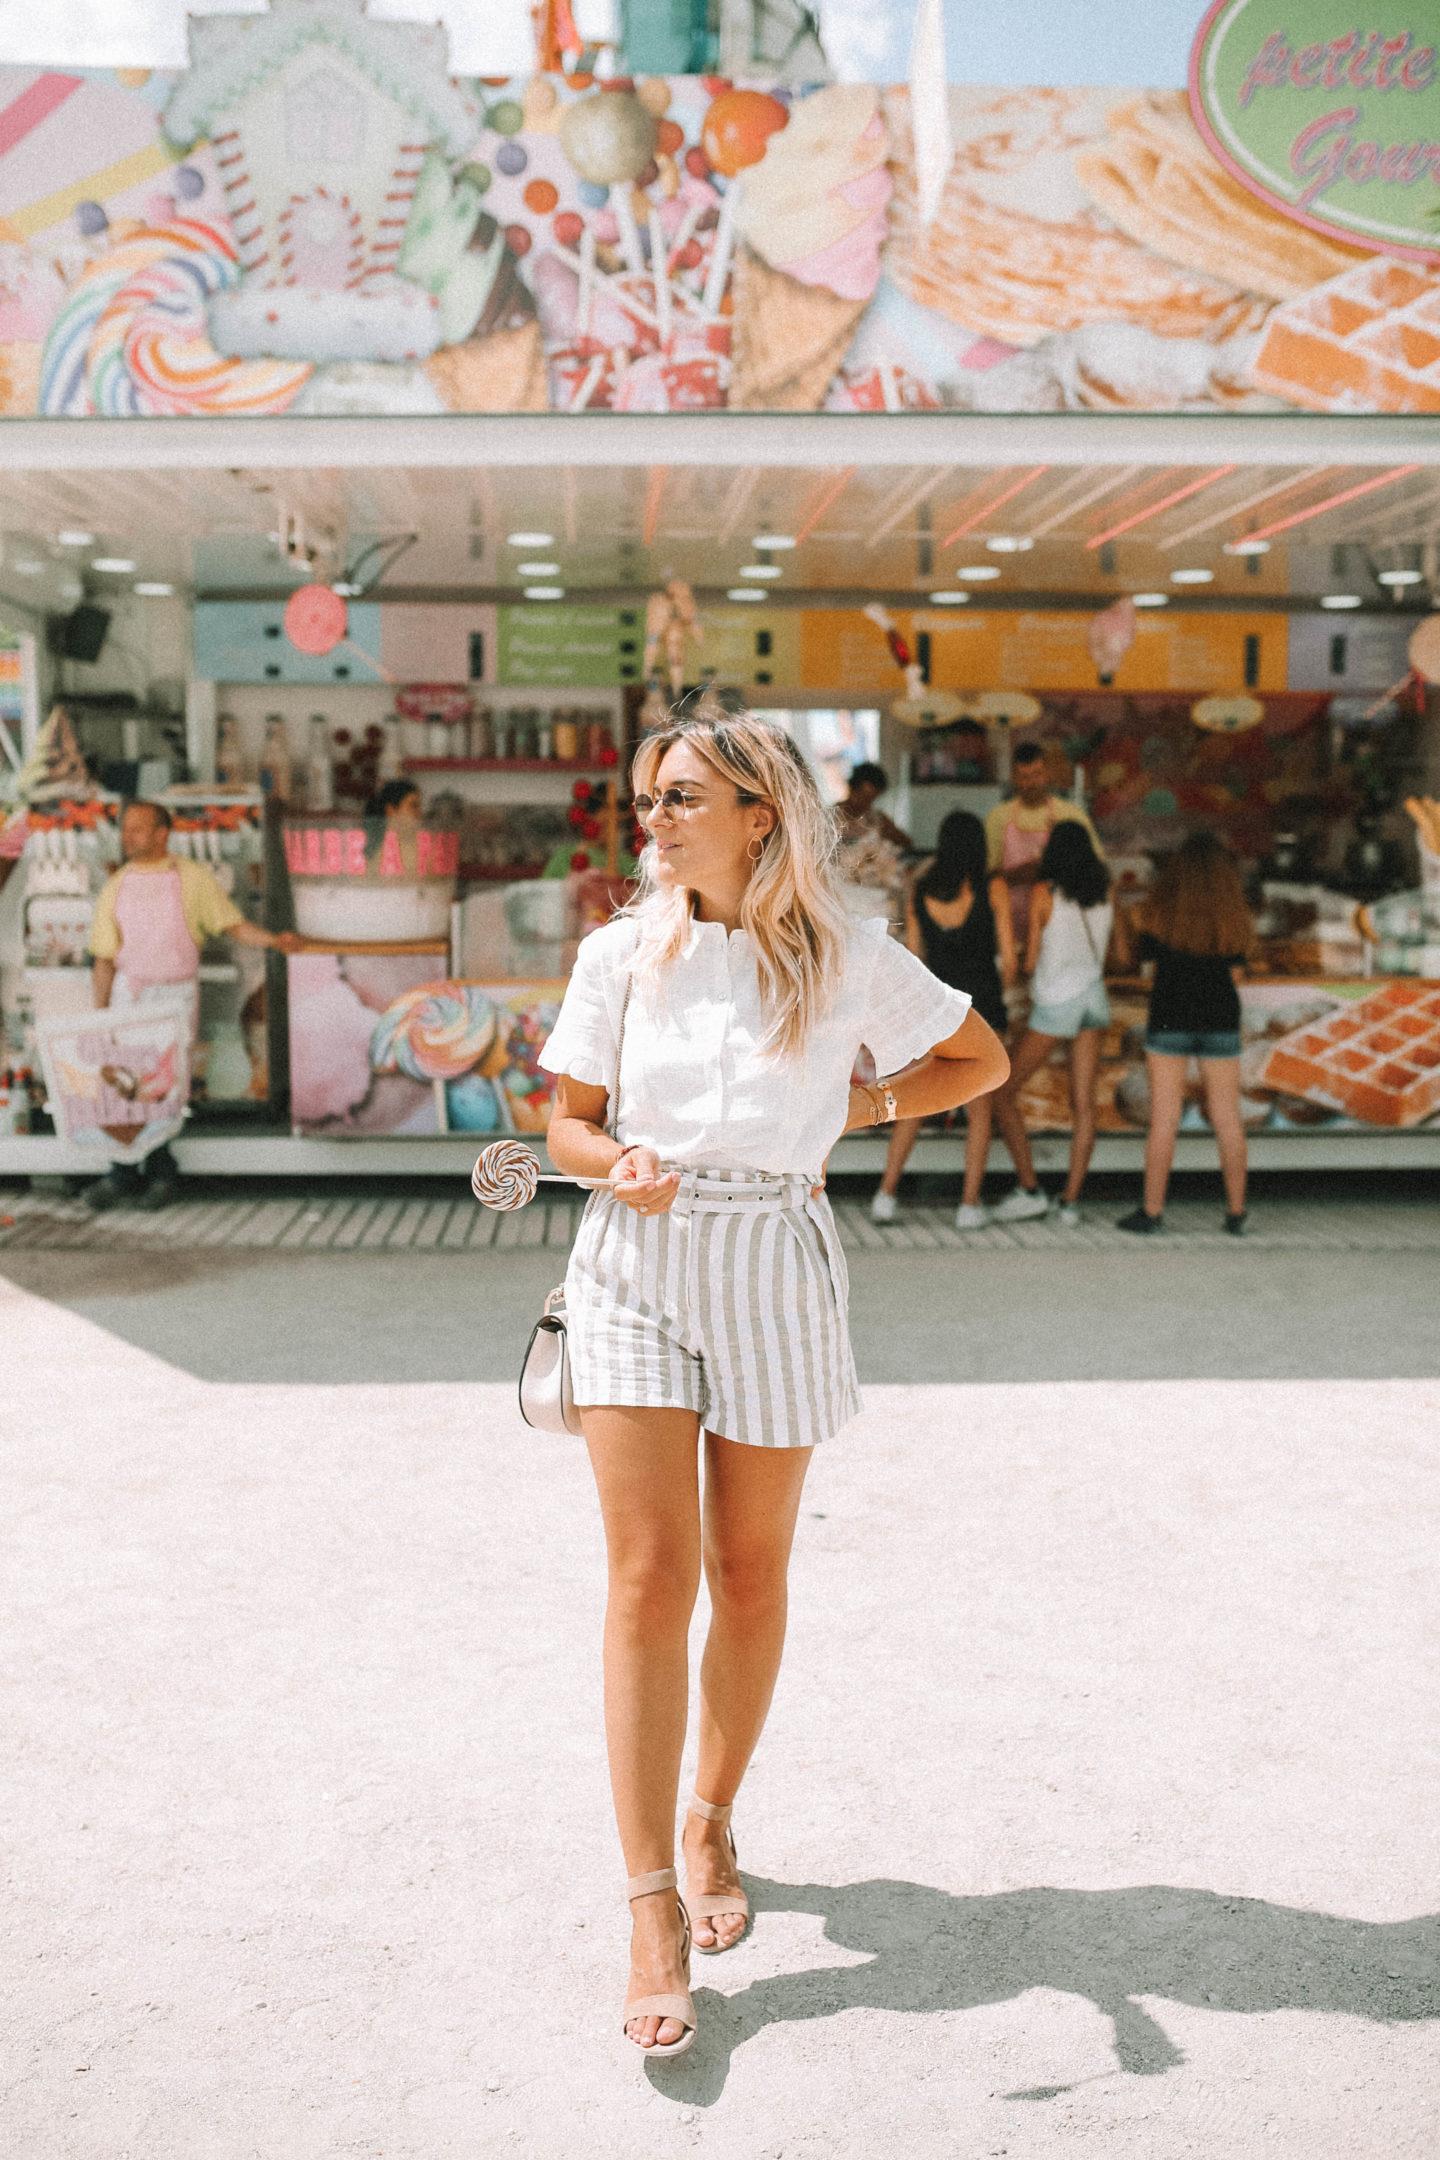 Sandales Jonak - Blondie Baby blog mode et voyages Paris